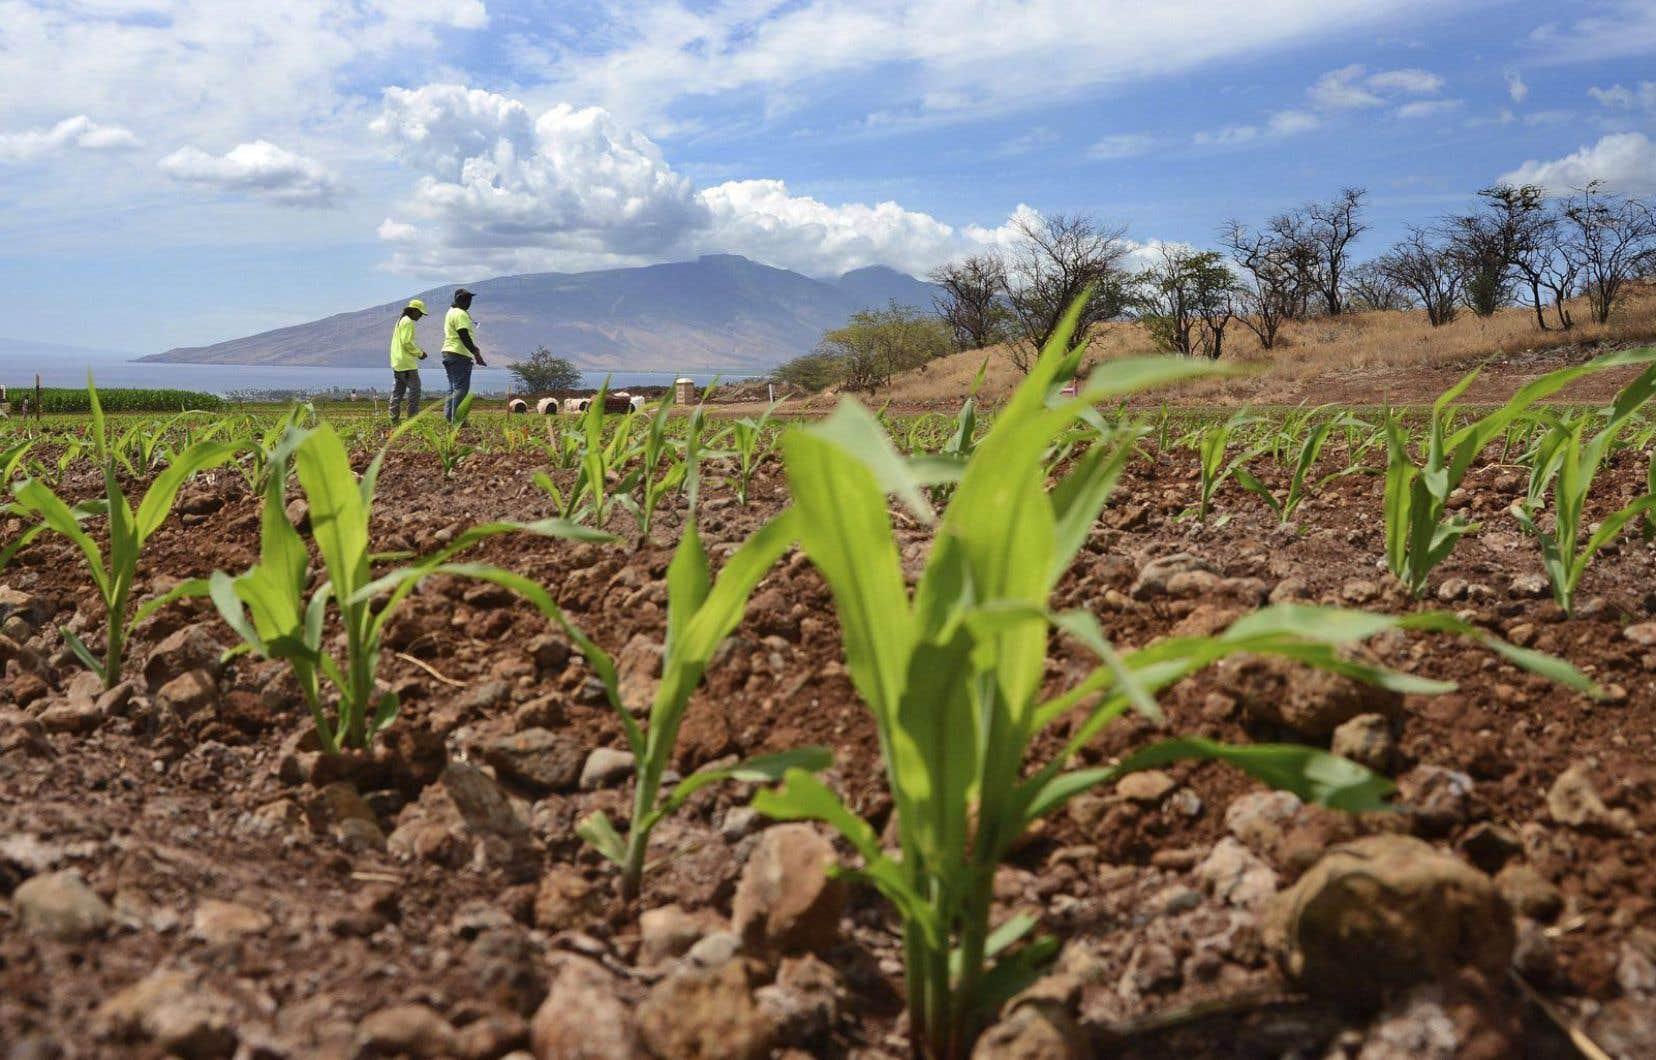 Le projet de loi enjoignait au gouvernement d'adopter un règlement lui laissant entière latitude pour déterminer ce qui constitue un OGM.